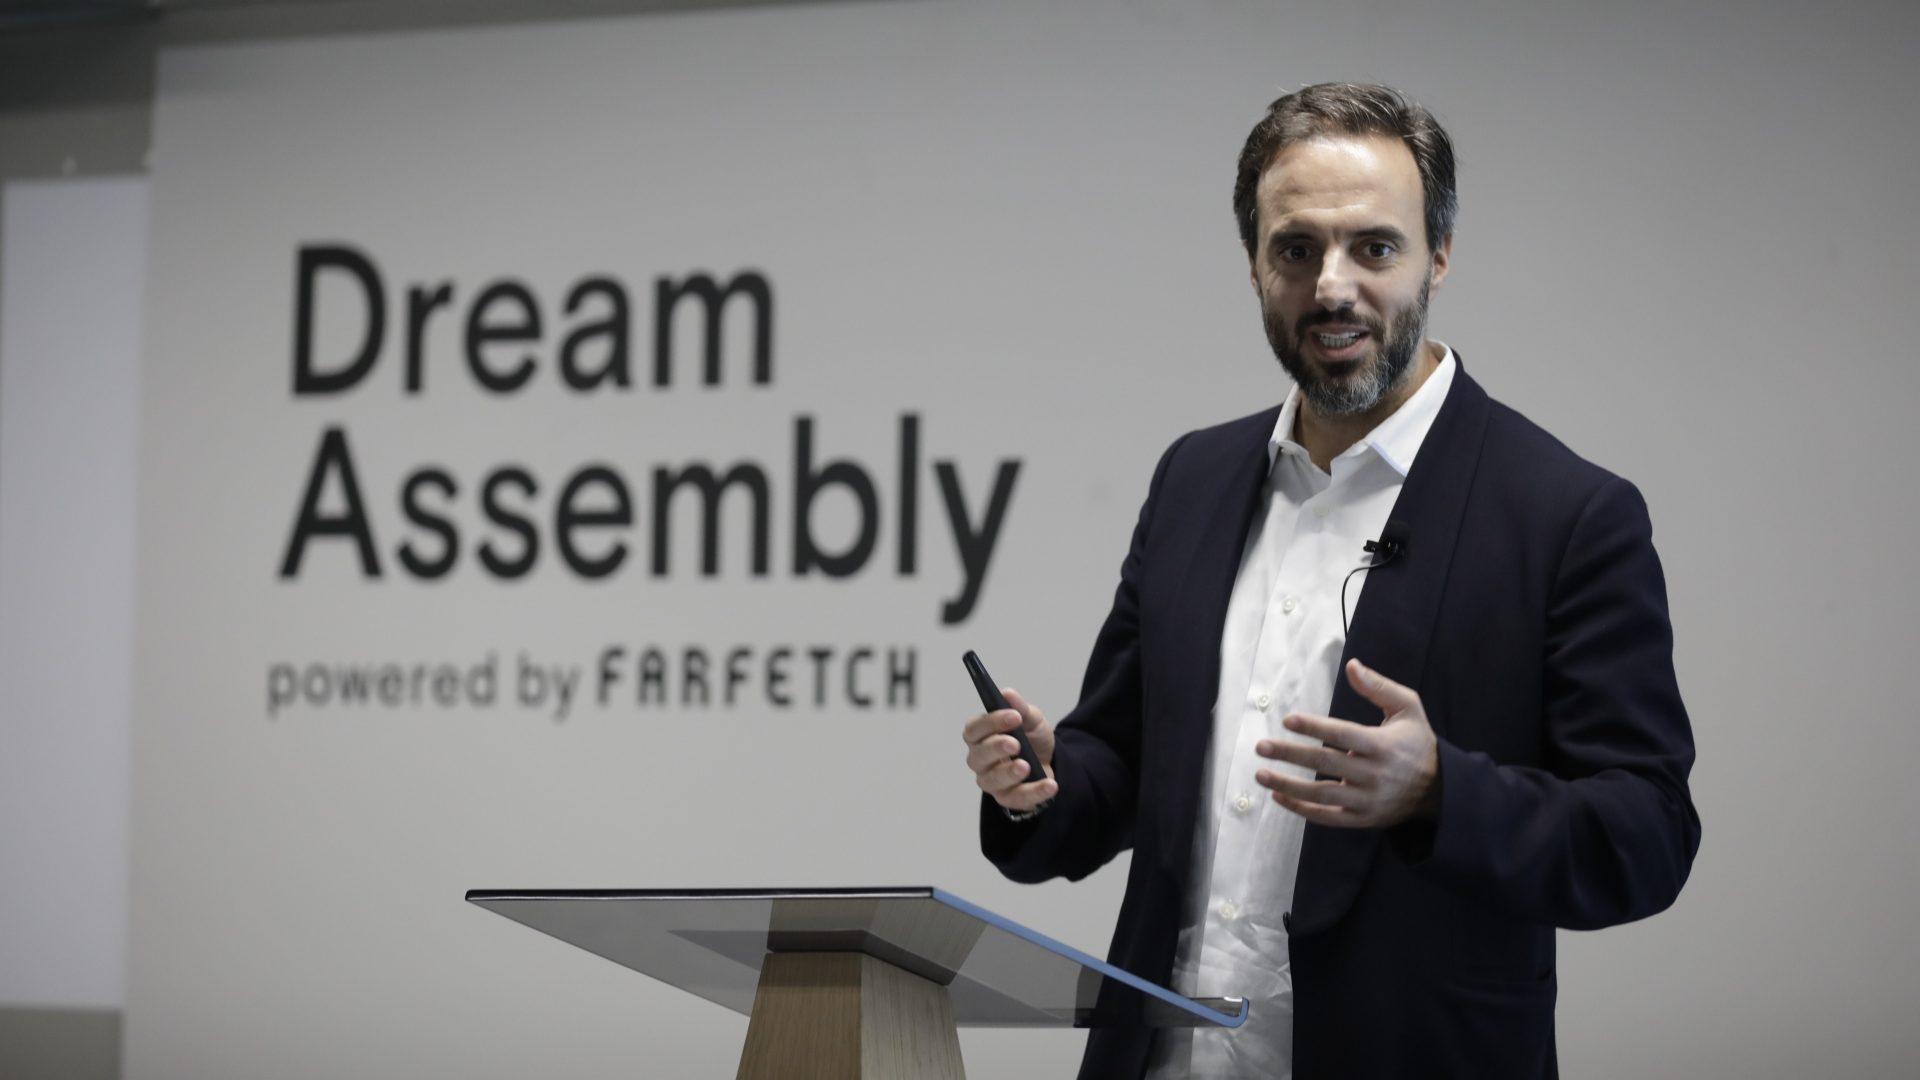 Dez anos depois, a Farfetch quer ajudar outras startups a ser como ela